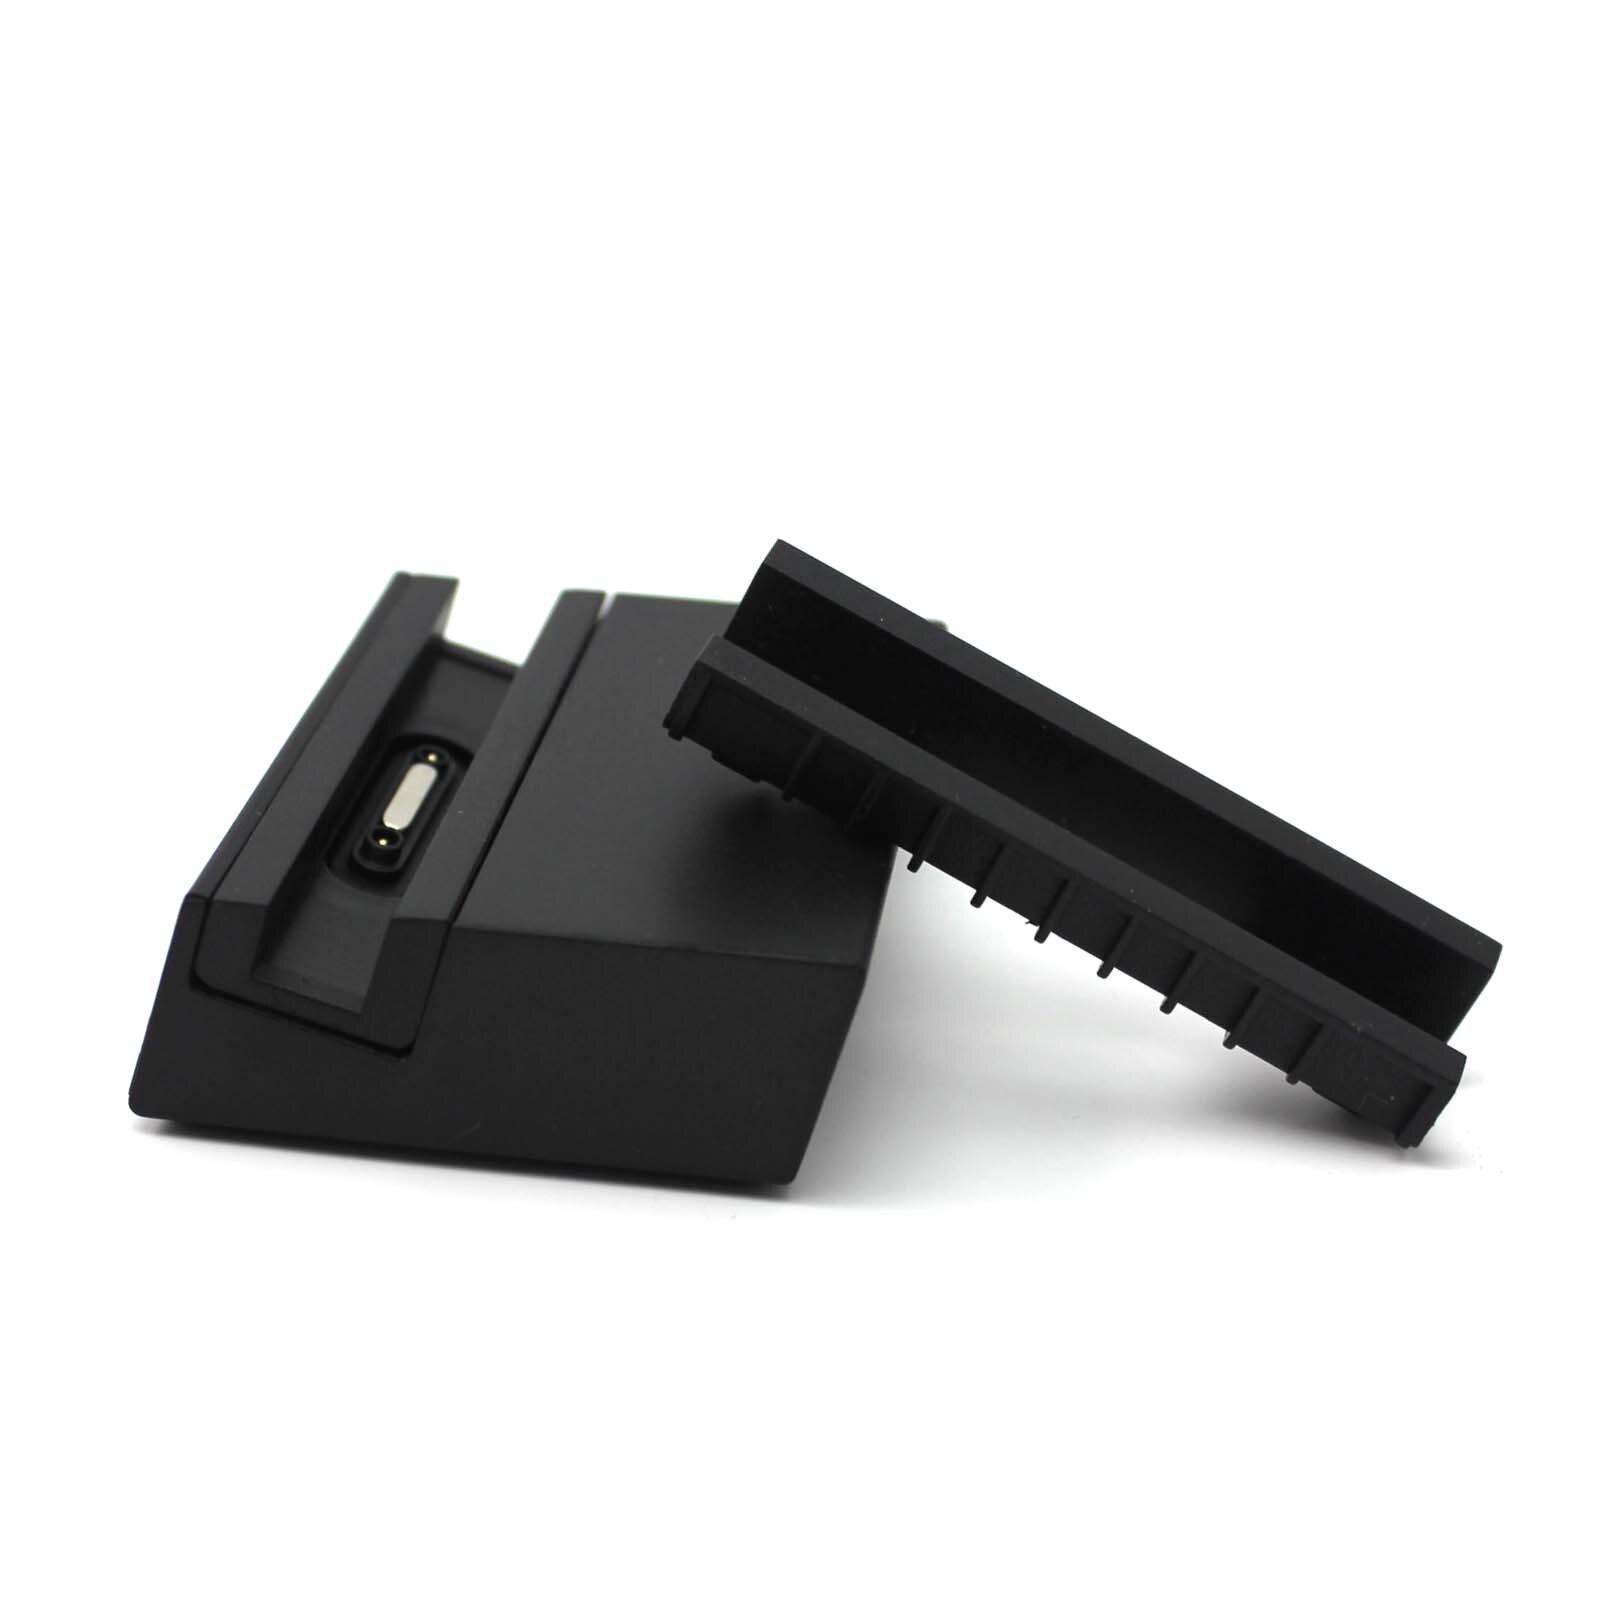 Зарядное устройство магнитное зарядное устройство подставка настольная док-станция для Sony Xperia Z3 и компактный черный слот для карт подарок